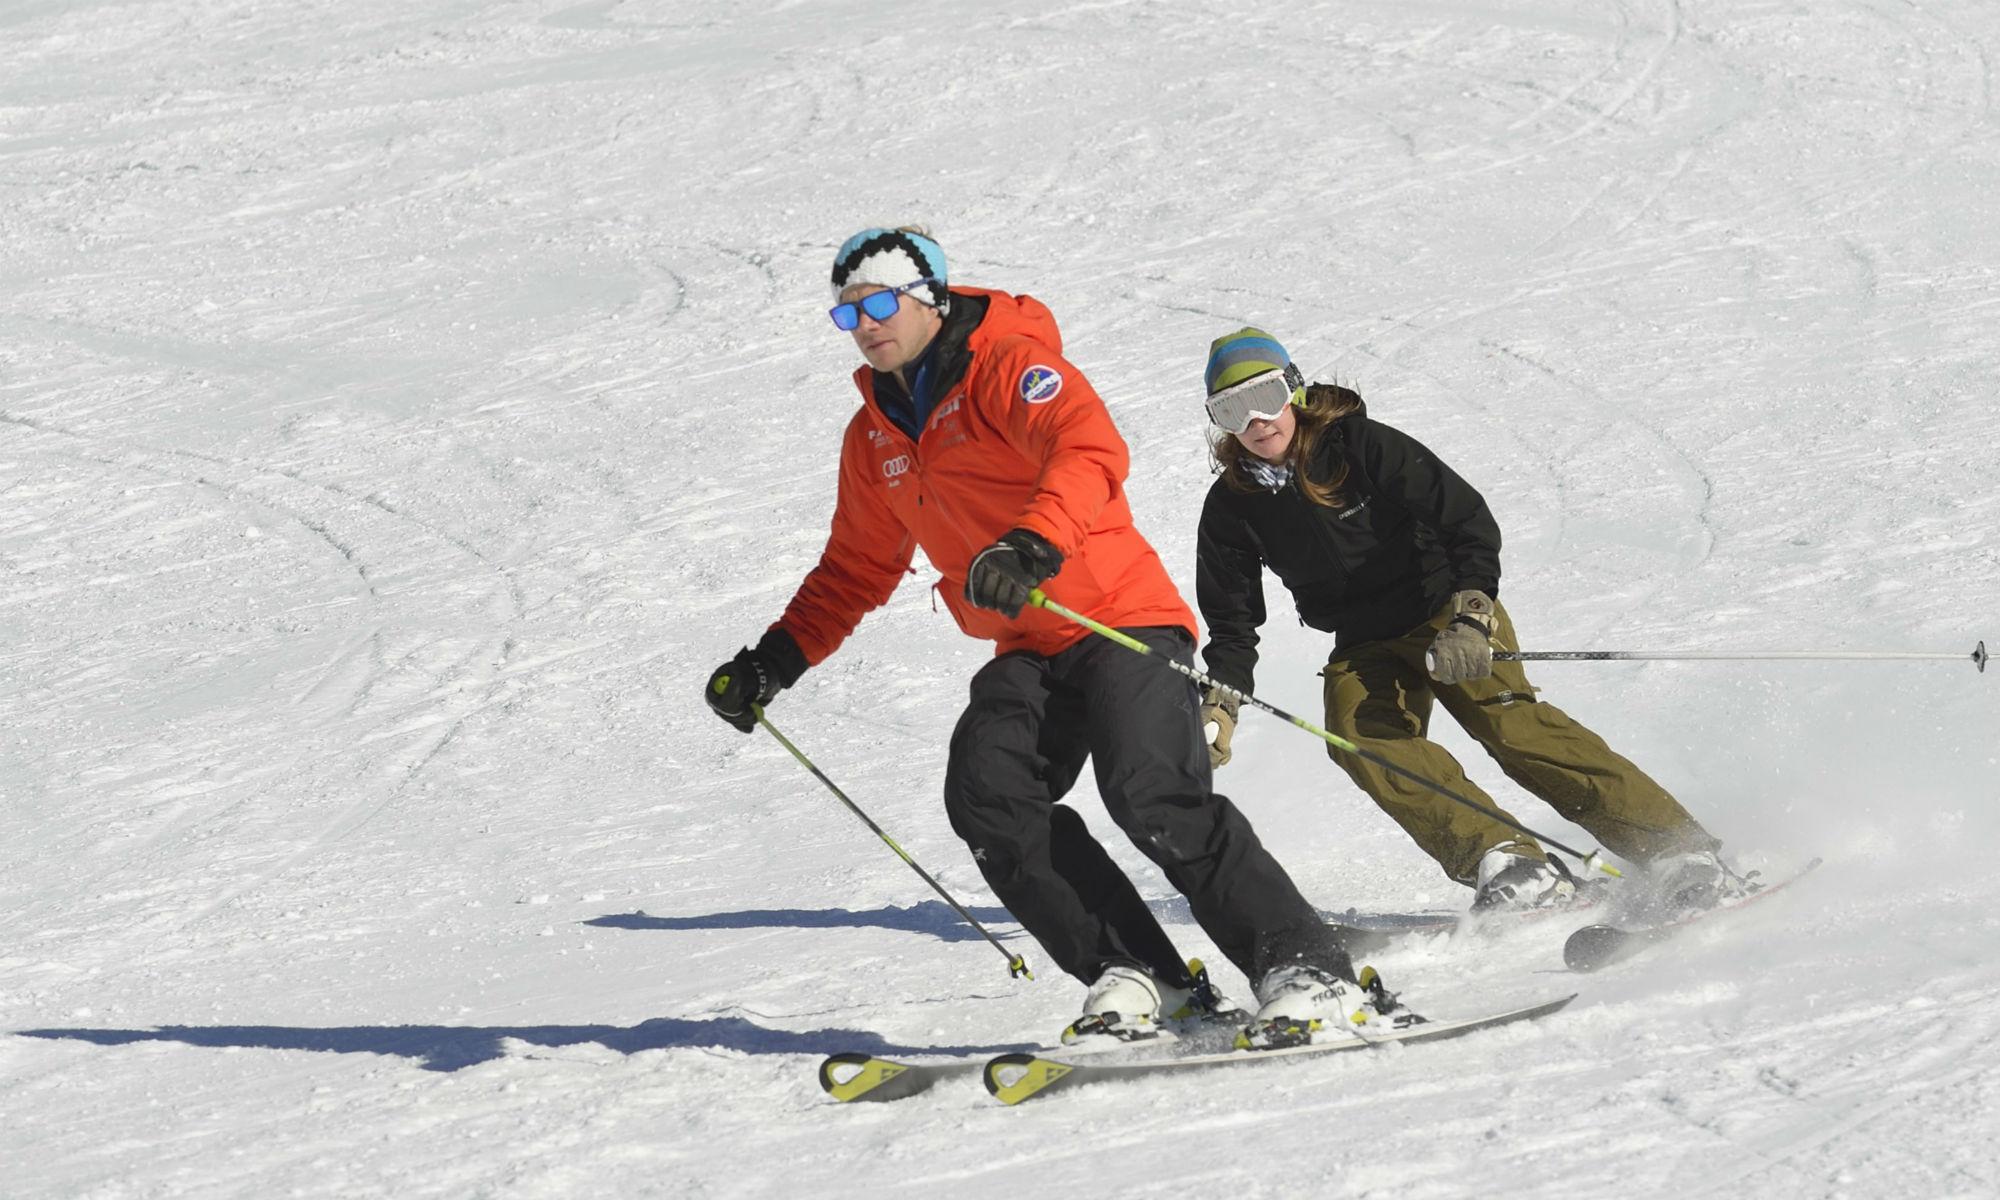 Deux skieurs travaillent leur technique sur les skis.